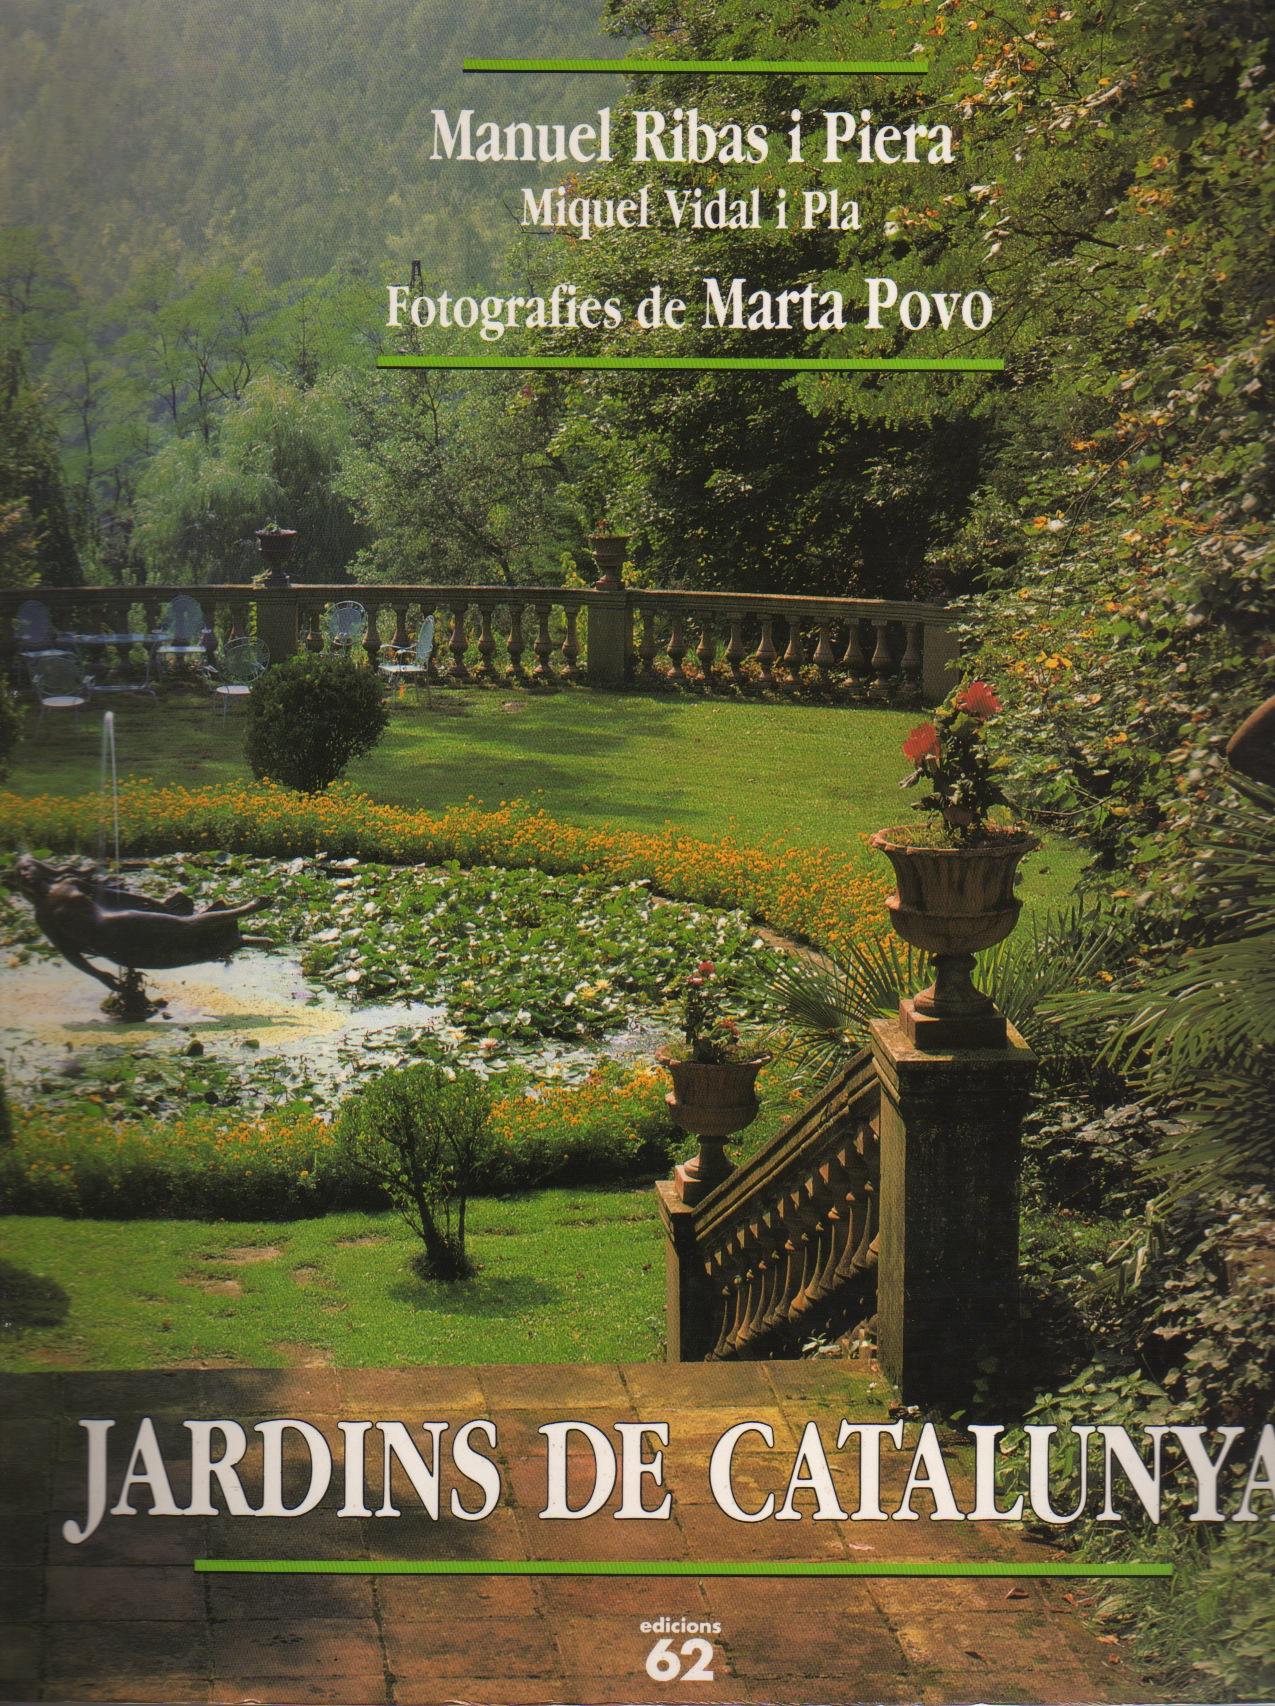 Jardins de Catalunya